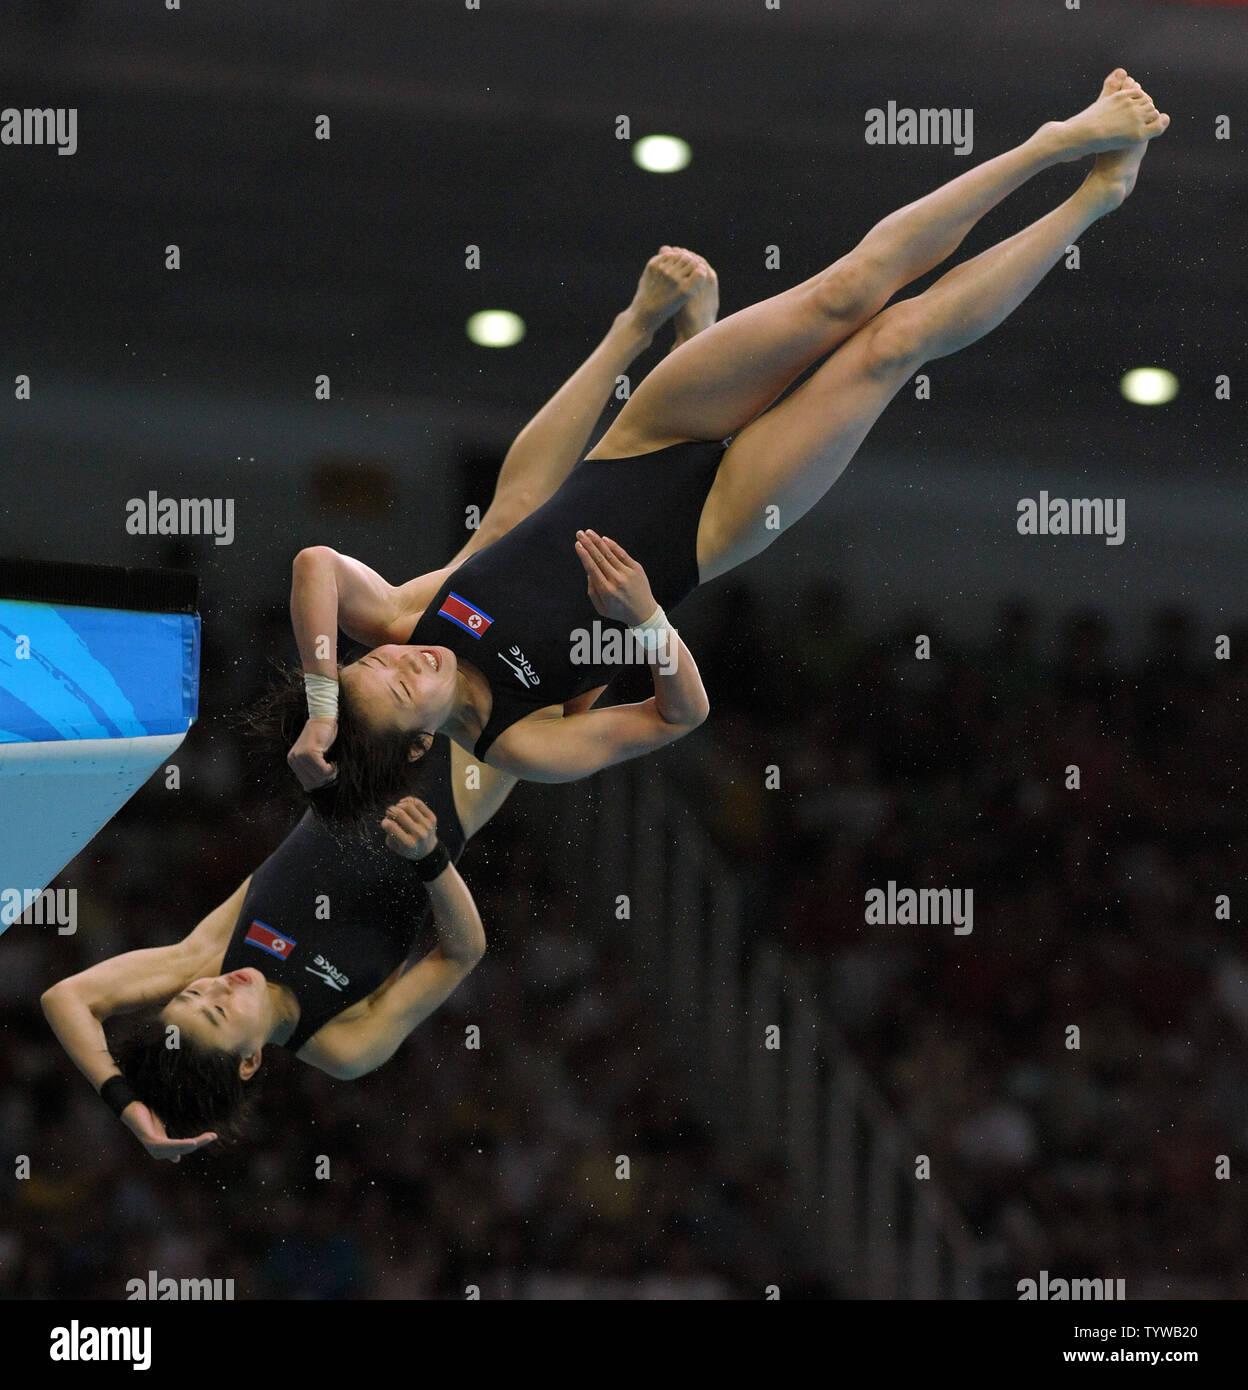 La Germania Stefanie Anthes e Nora Subschinski competere in donne 10M Sincro tuffi dalla piattaforma al Centro Acquatico Nazionale (Cubo Acqua) durante le 2008 Olimpiadi di estate a Pechino, in Cina, il 12 agosto 2008. (UPI foto/Roger L. Wollenberg) Foto Stock